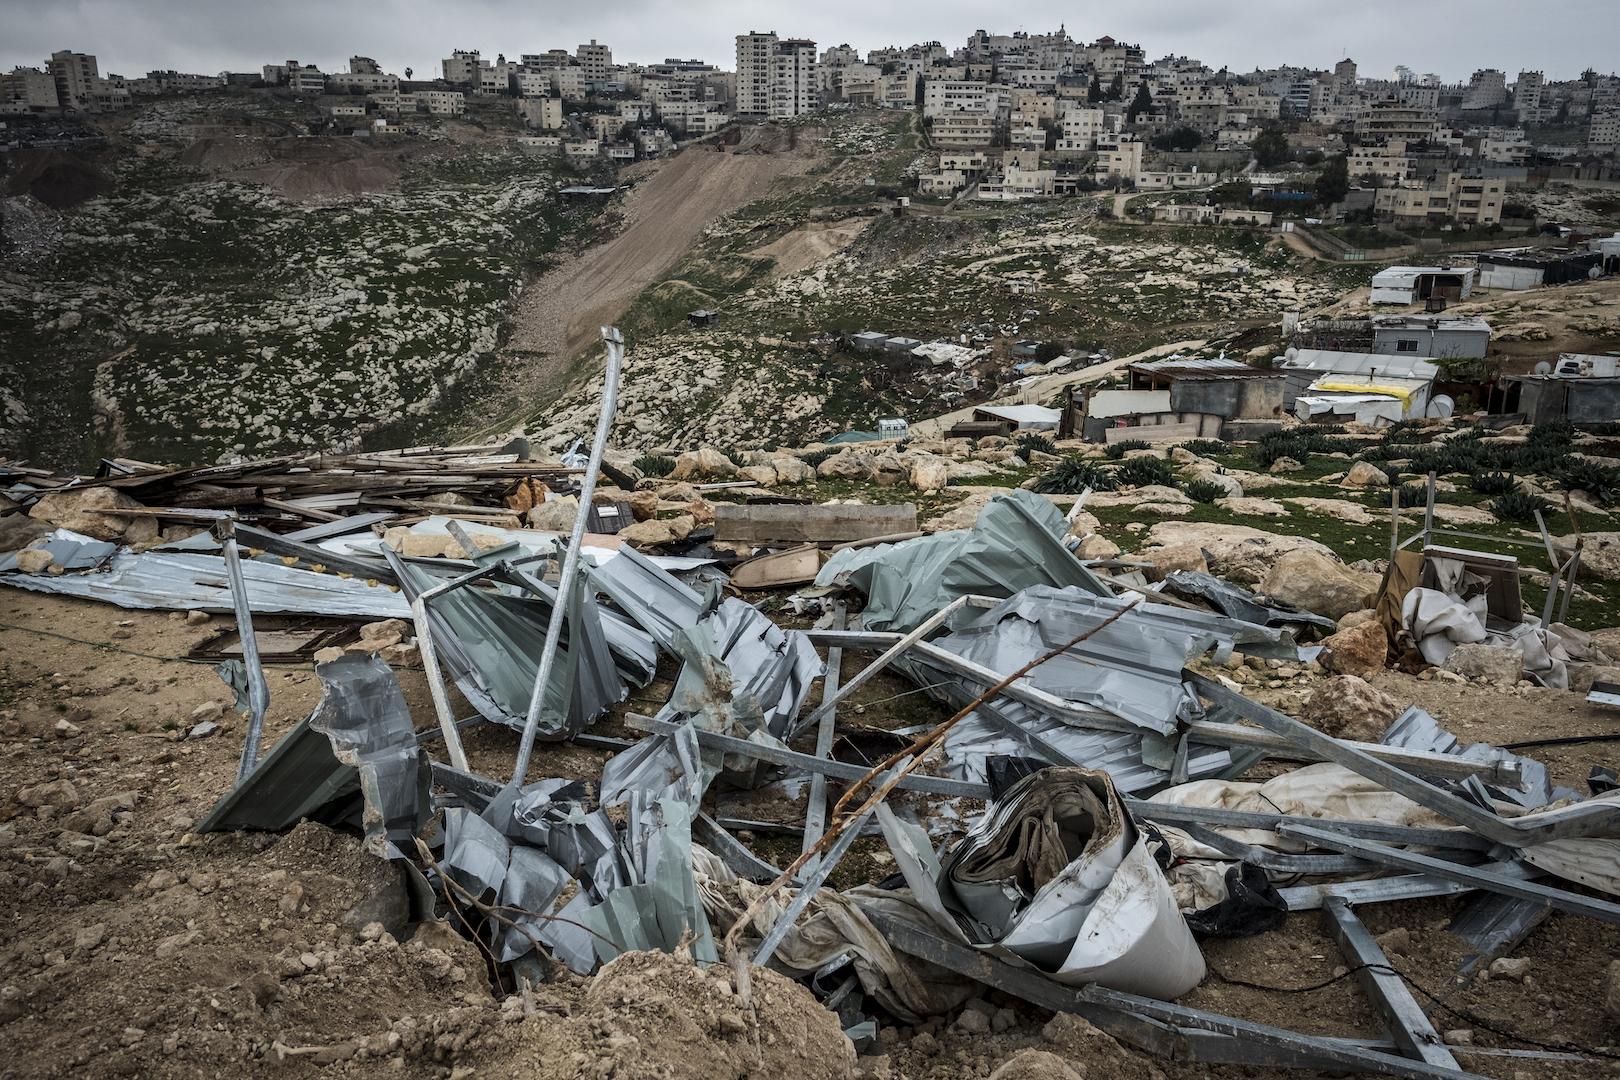 Asentamiento israelí de Ma'ale Adumim, a las afueras de Jerusalén. La comunidad afectada se llama al Aizzarya.